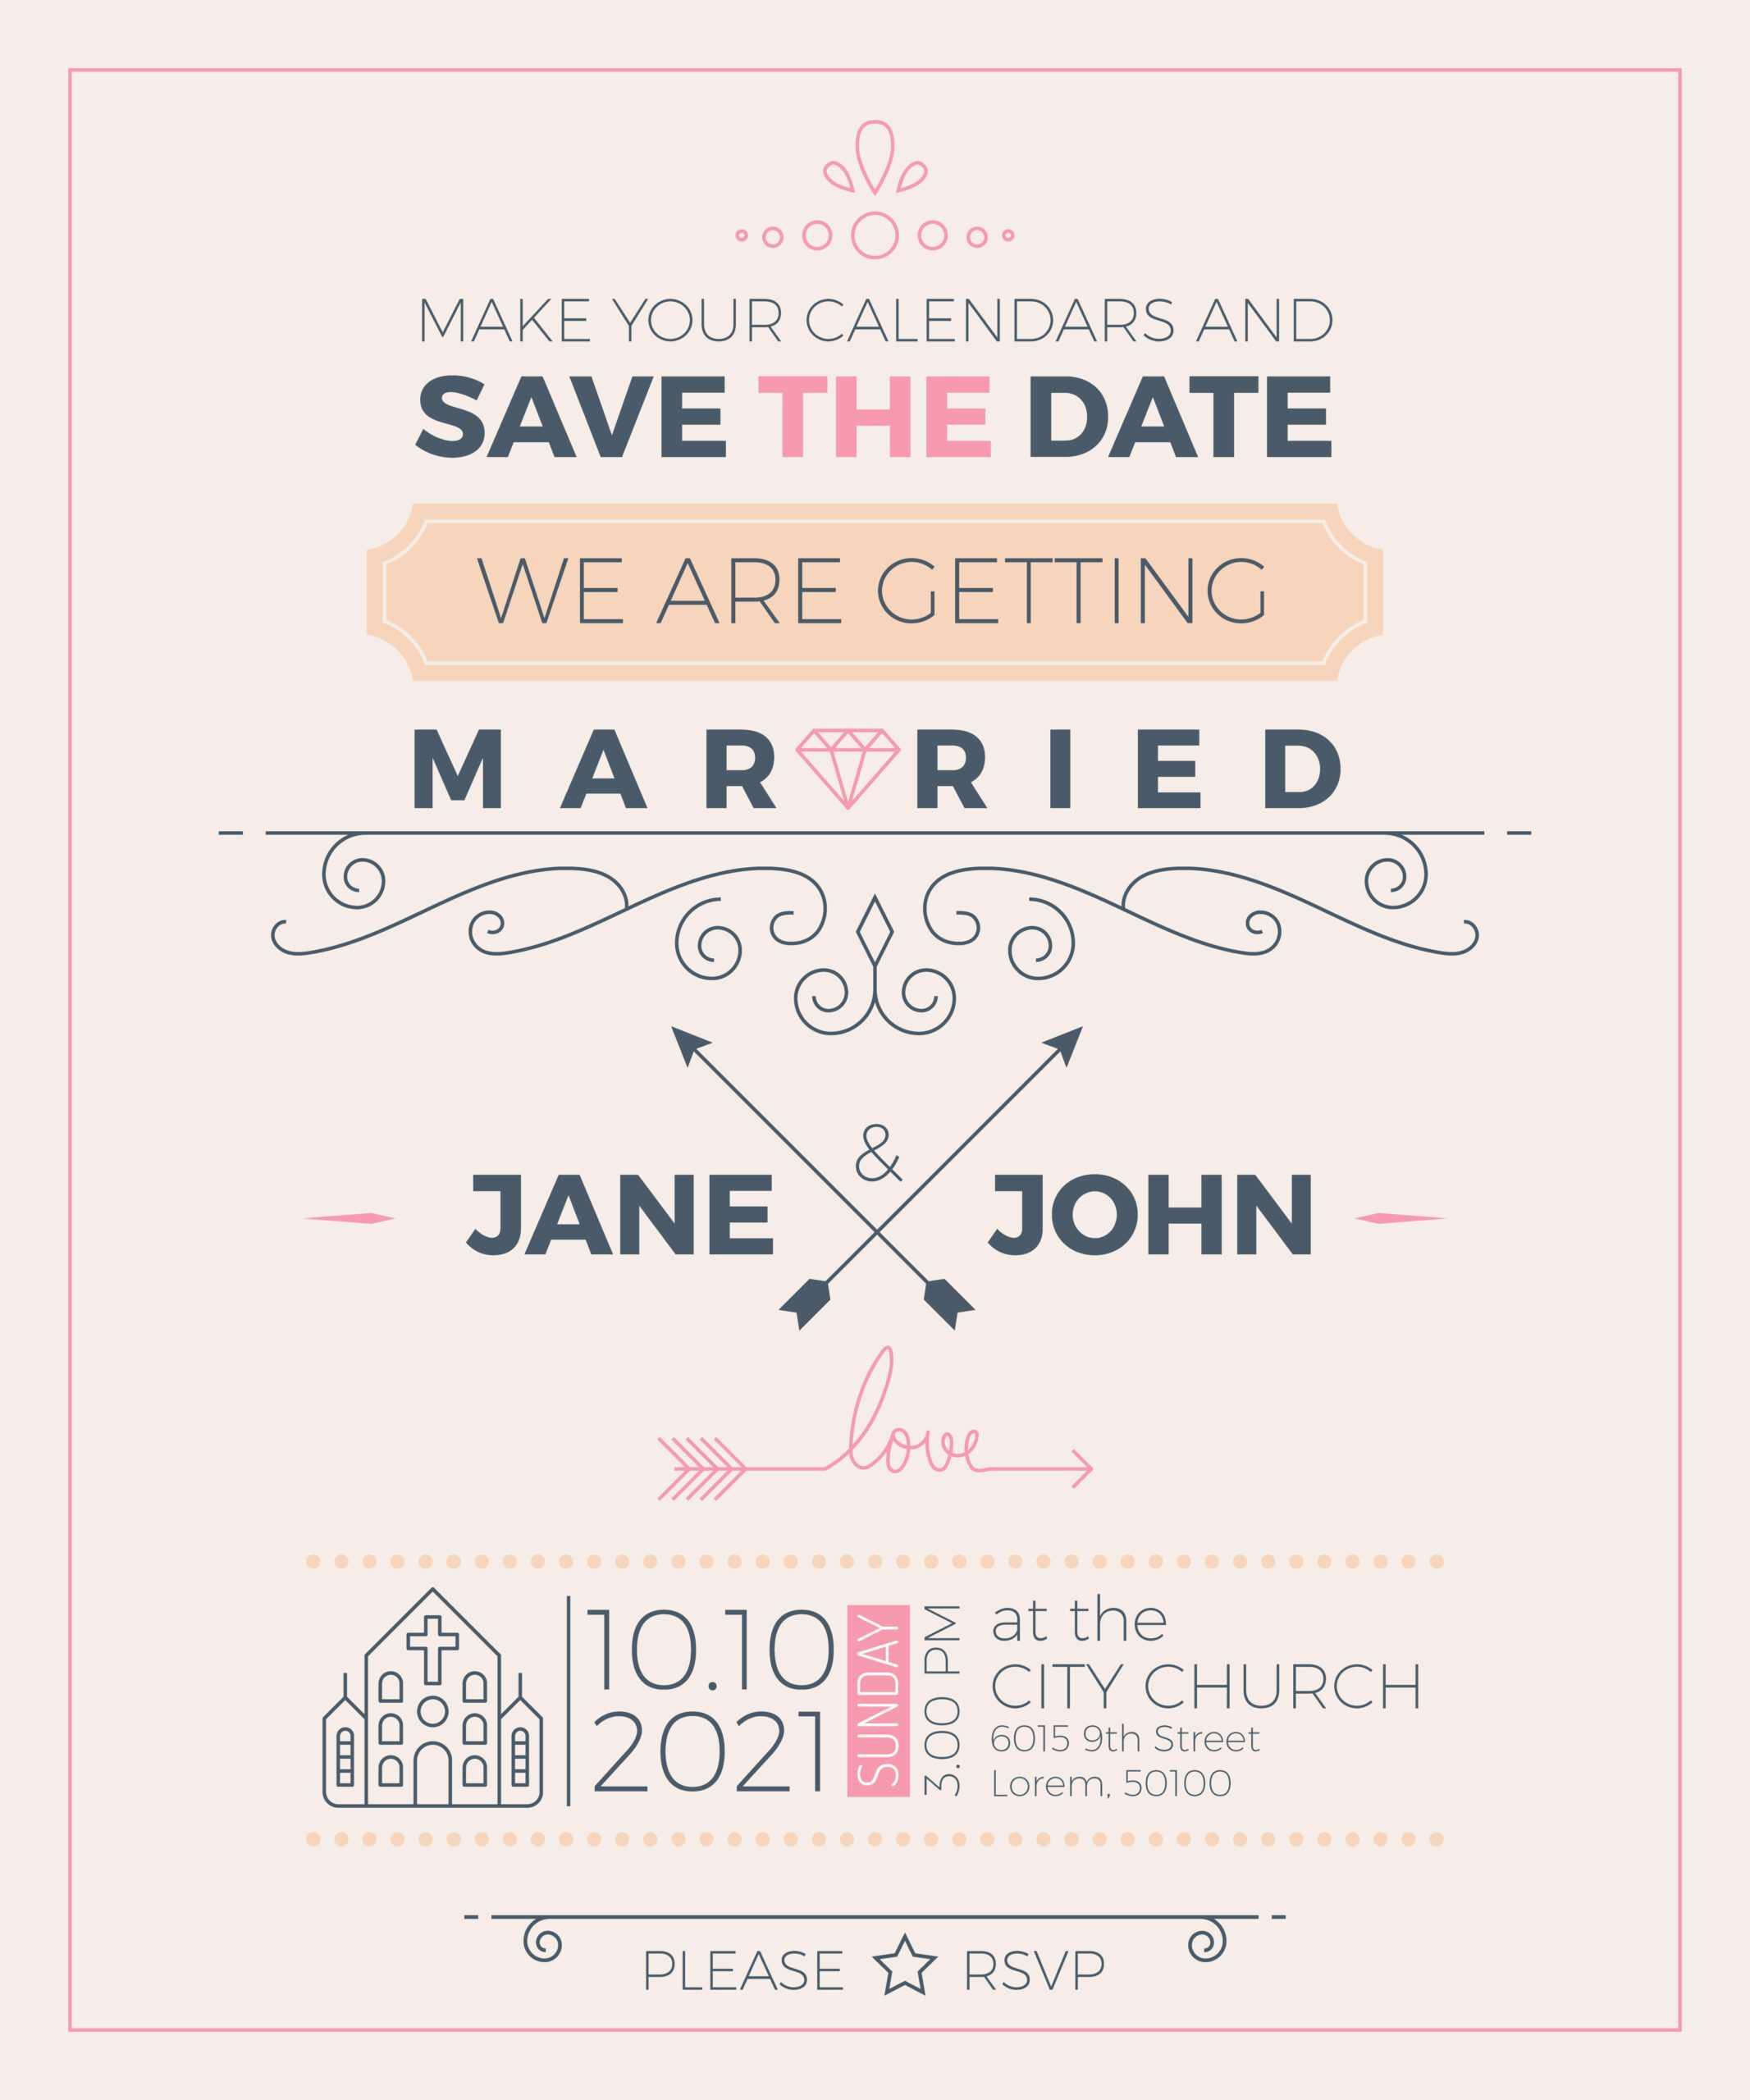 Vintage Wedding Invitation Card Template - Download Free With Church Wedding Invitation Card Template